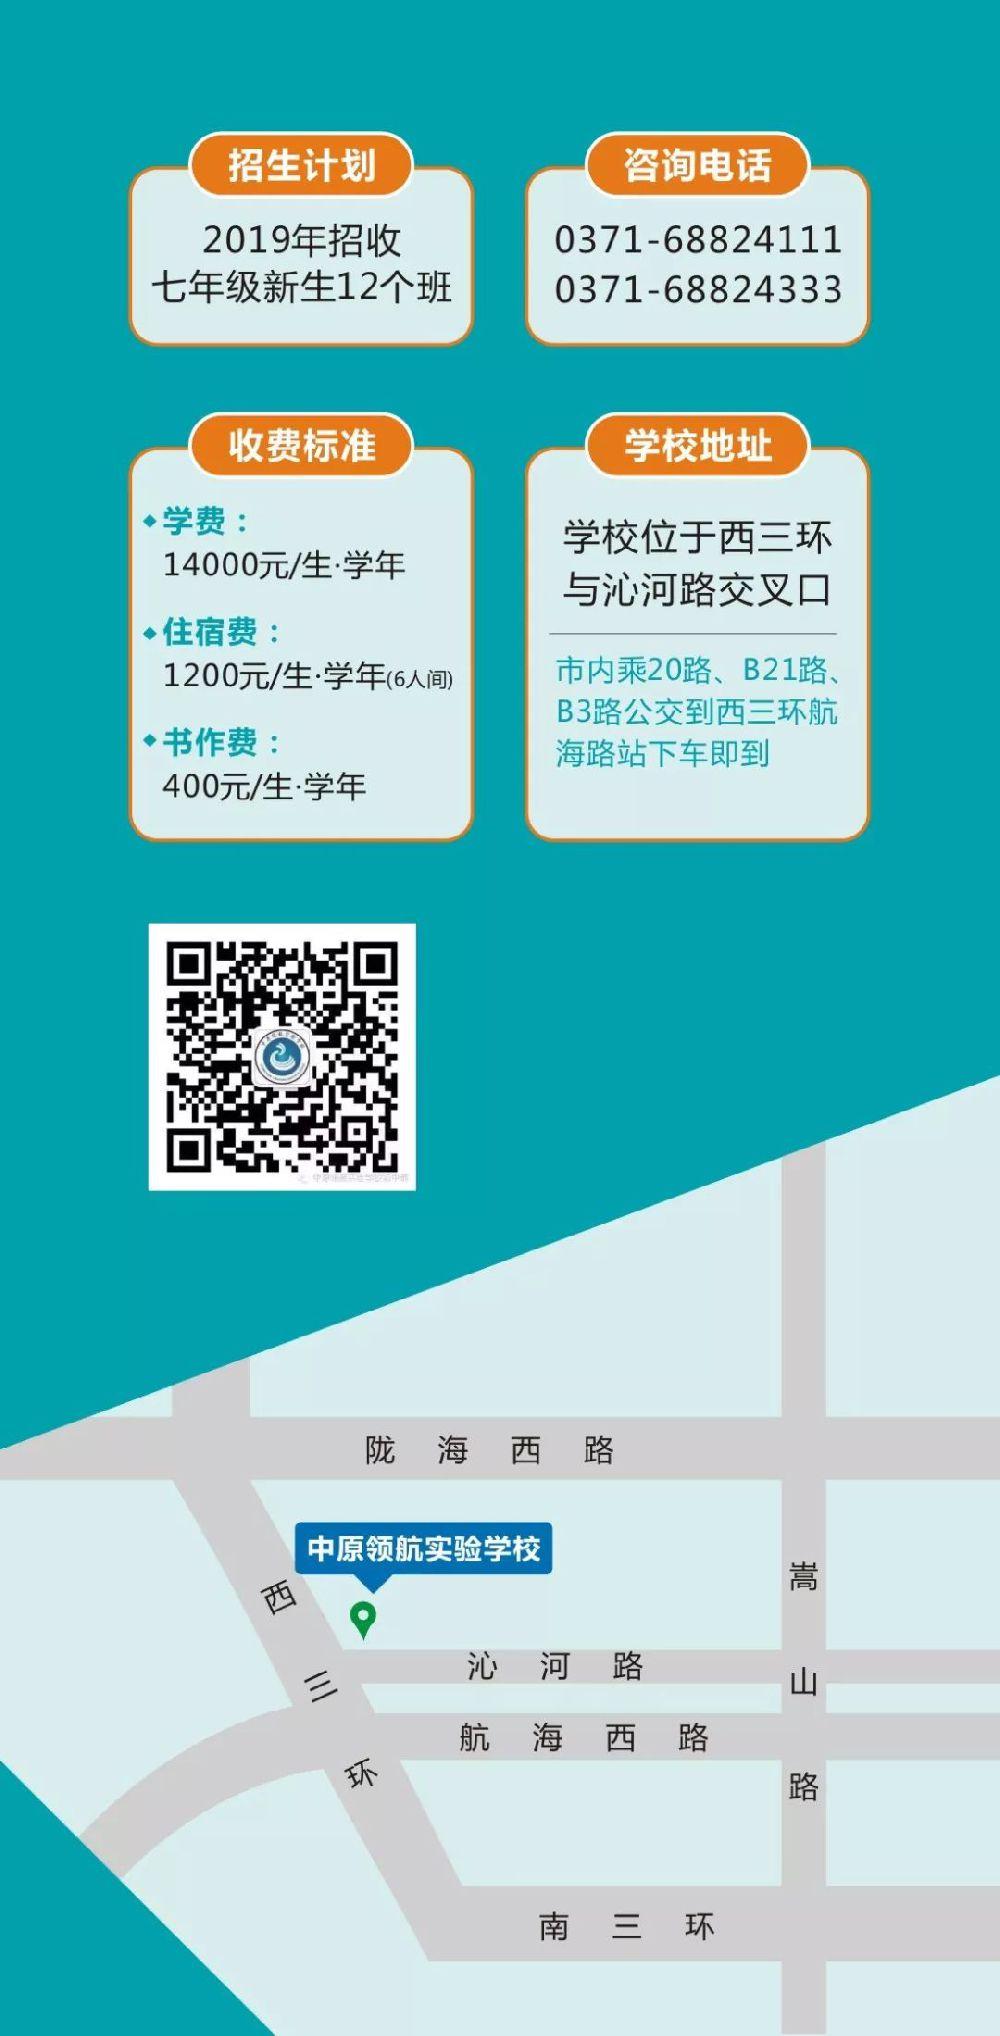 2019沌口中原领航v领航还是初中部招生简章高中开发区学校郑州初中一中是图片